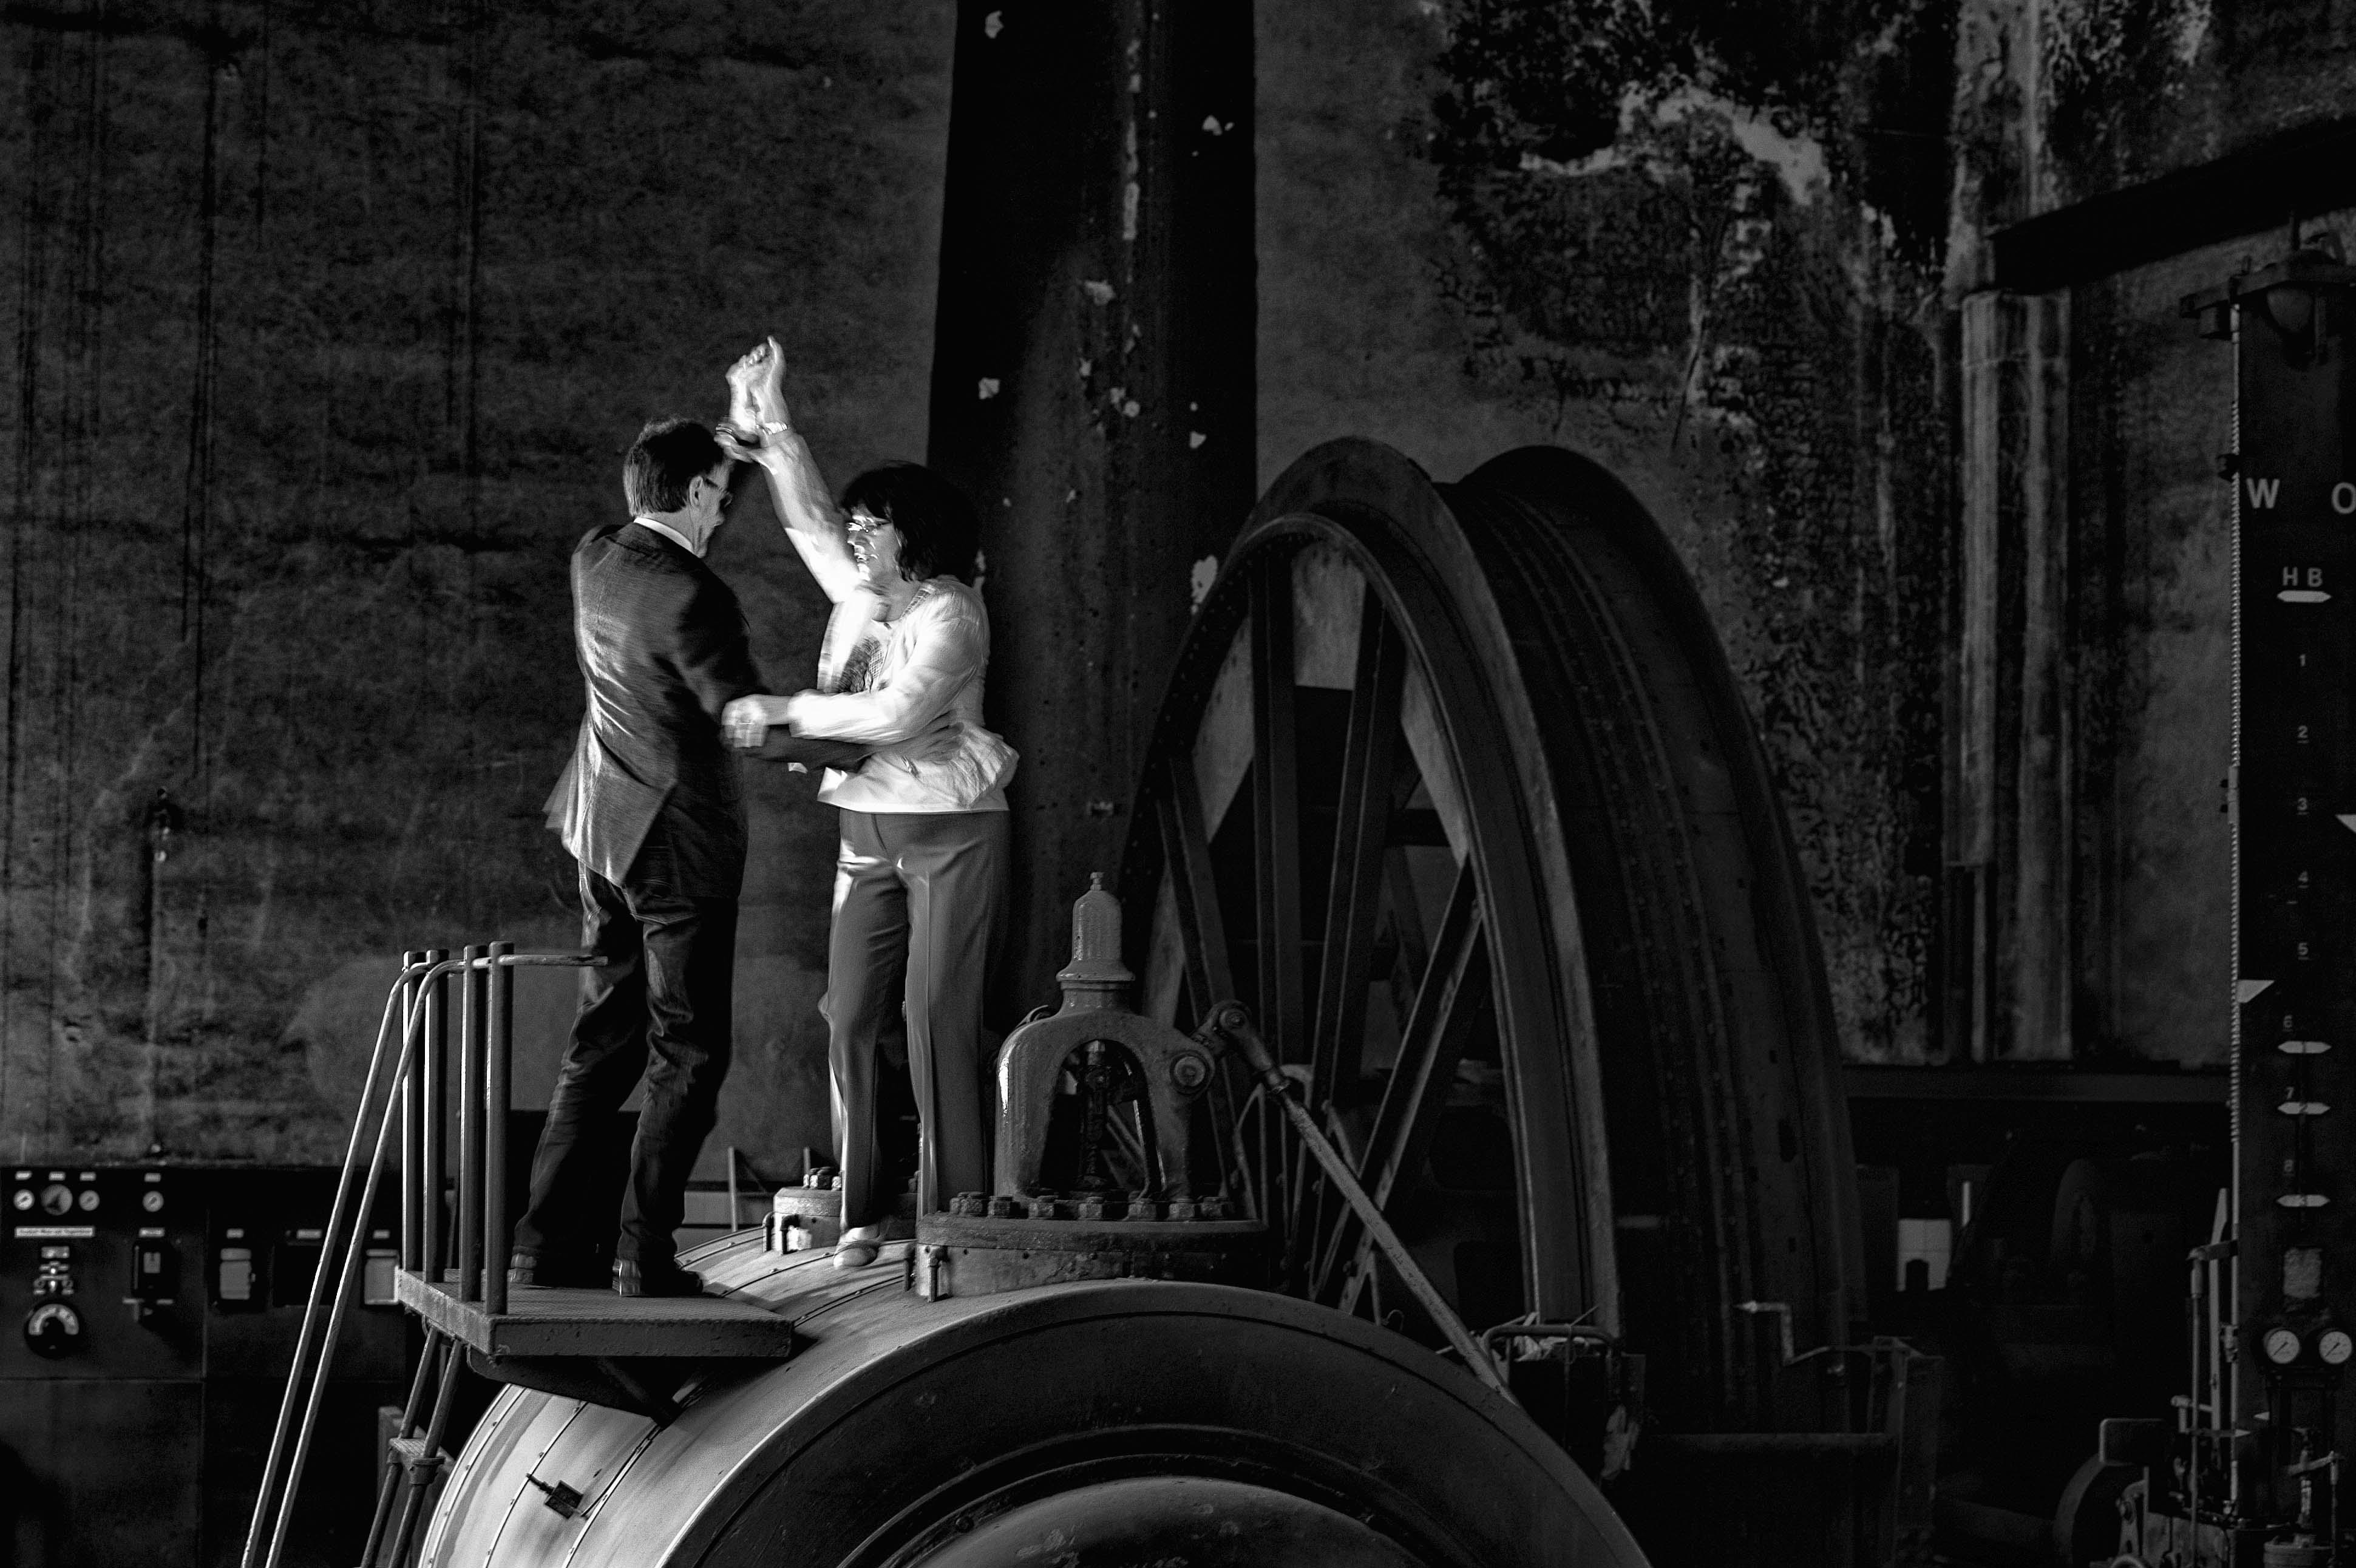 Eine fotografische hommage an die menschen im for Ingenieur bergbau